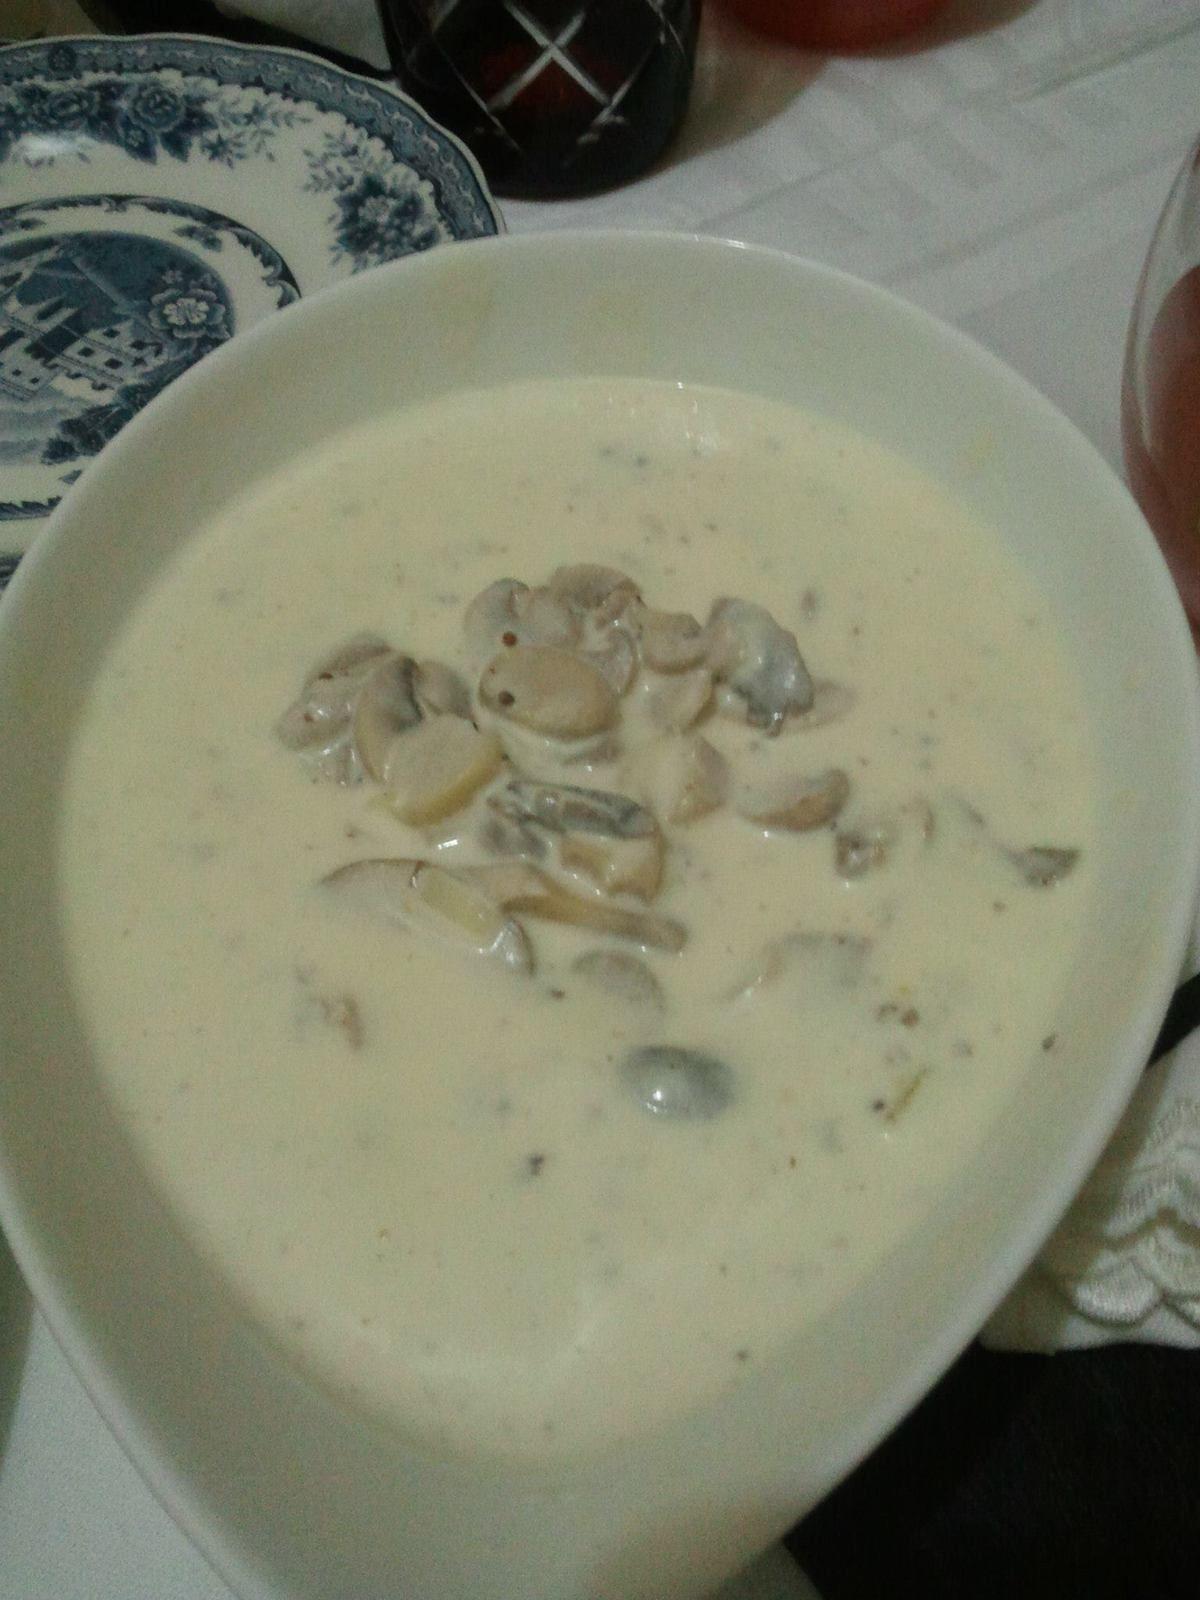 Sauce cr meuse aux champignons plaisir culinaire algerien - Peut on donner du riz cuit aux oiseaux ...